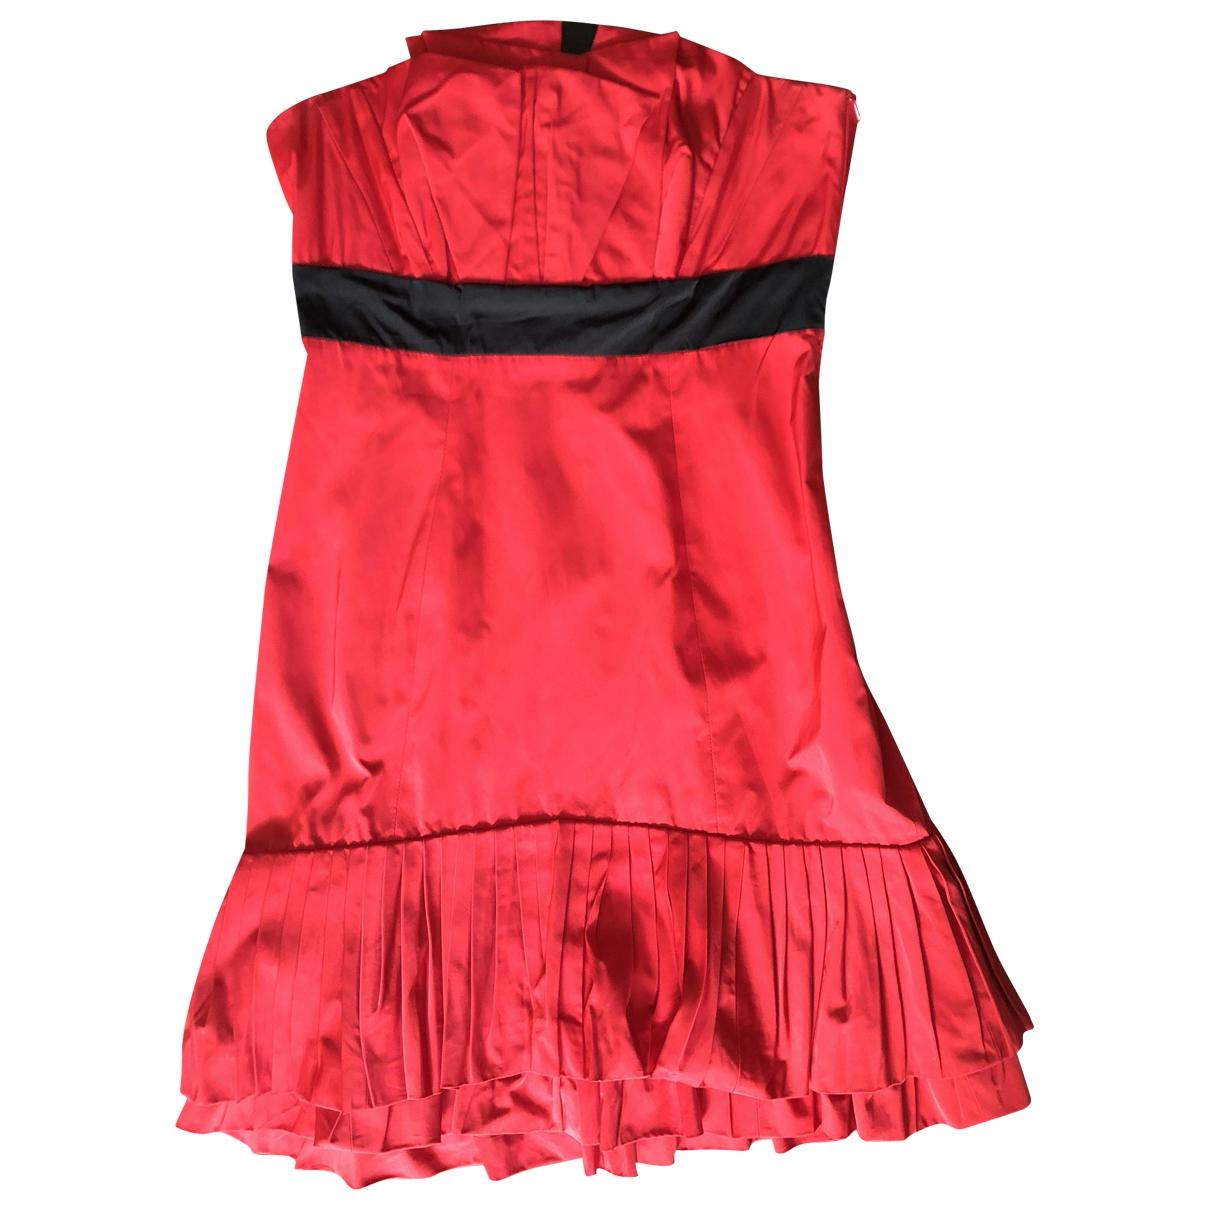 Karen Millen \N Red dress for Women 40 FR